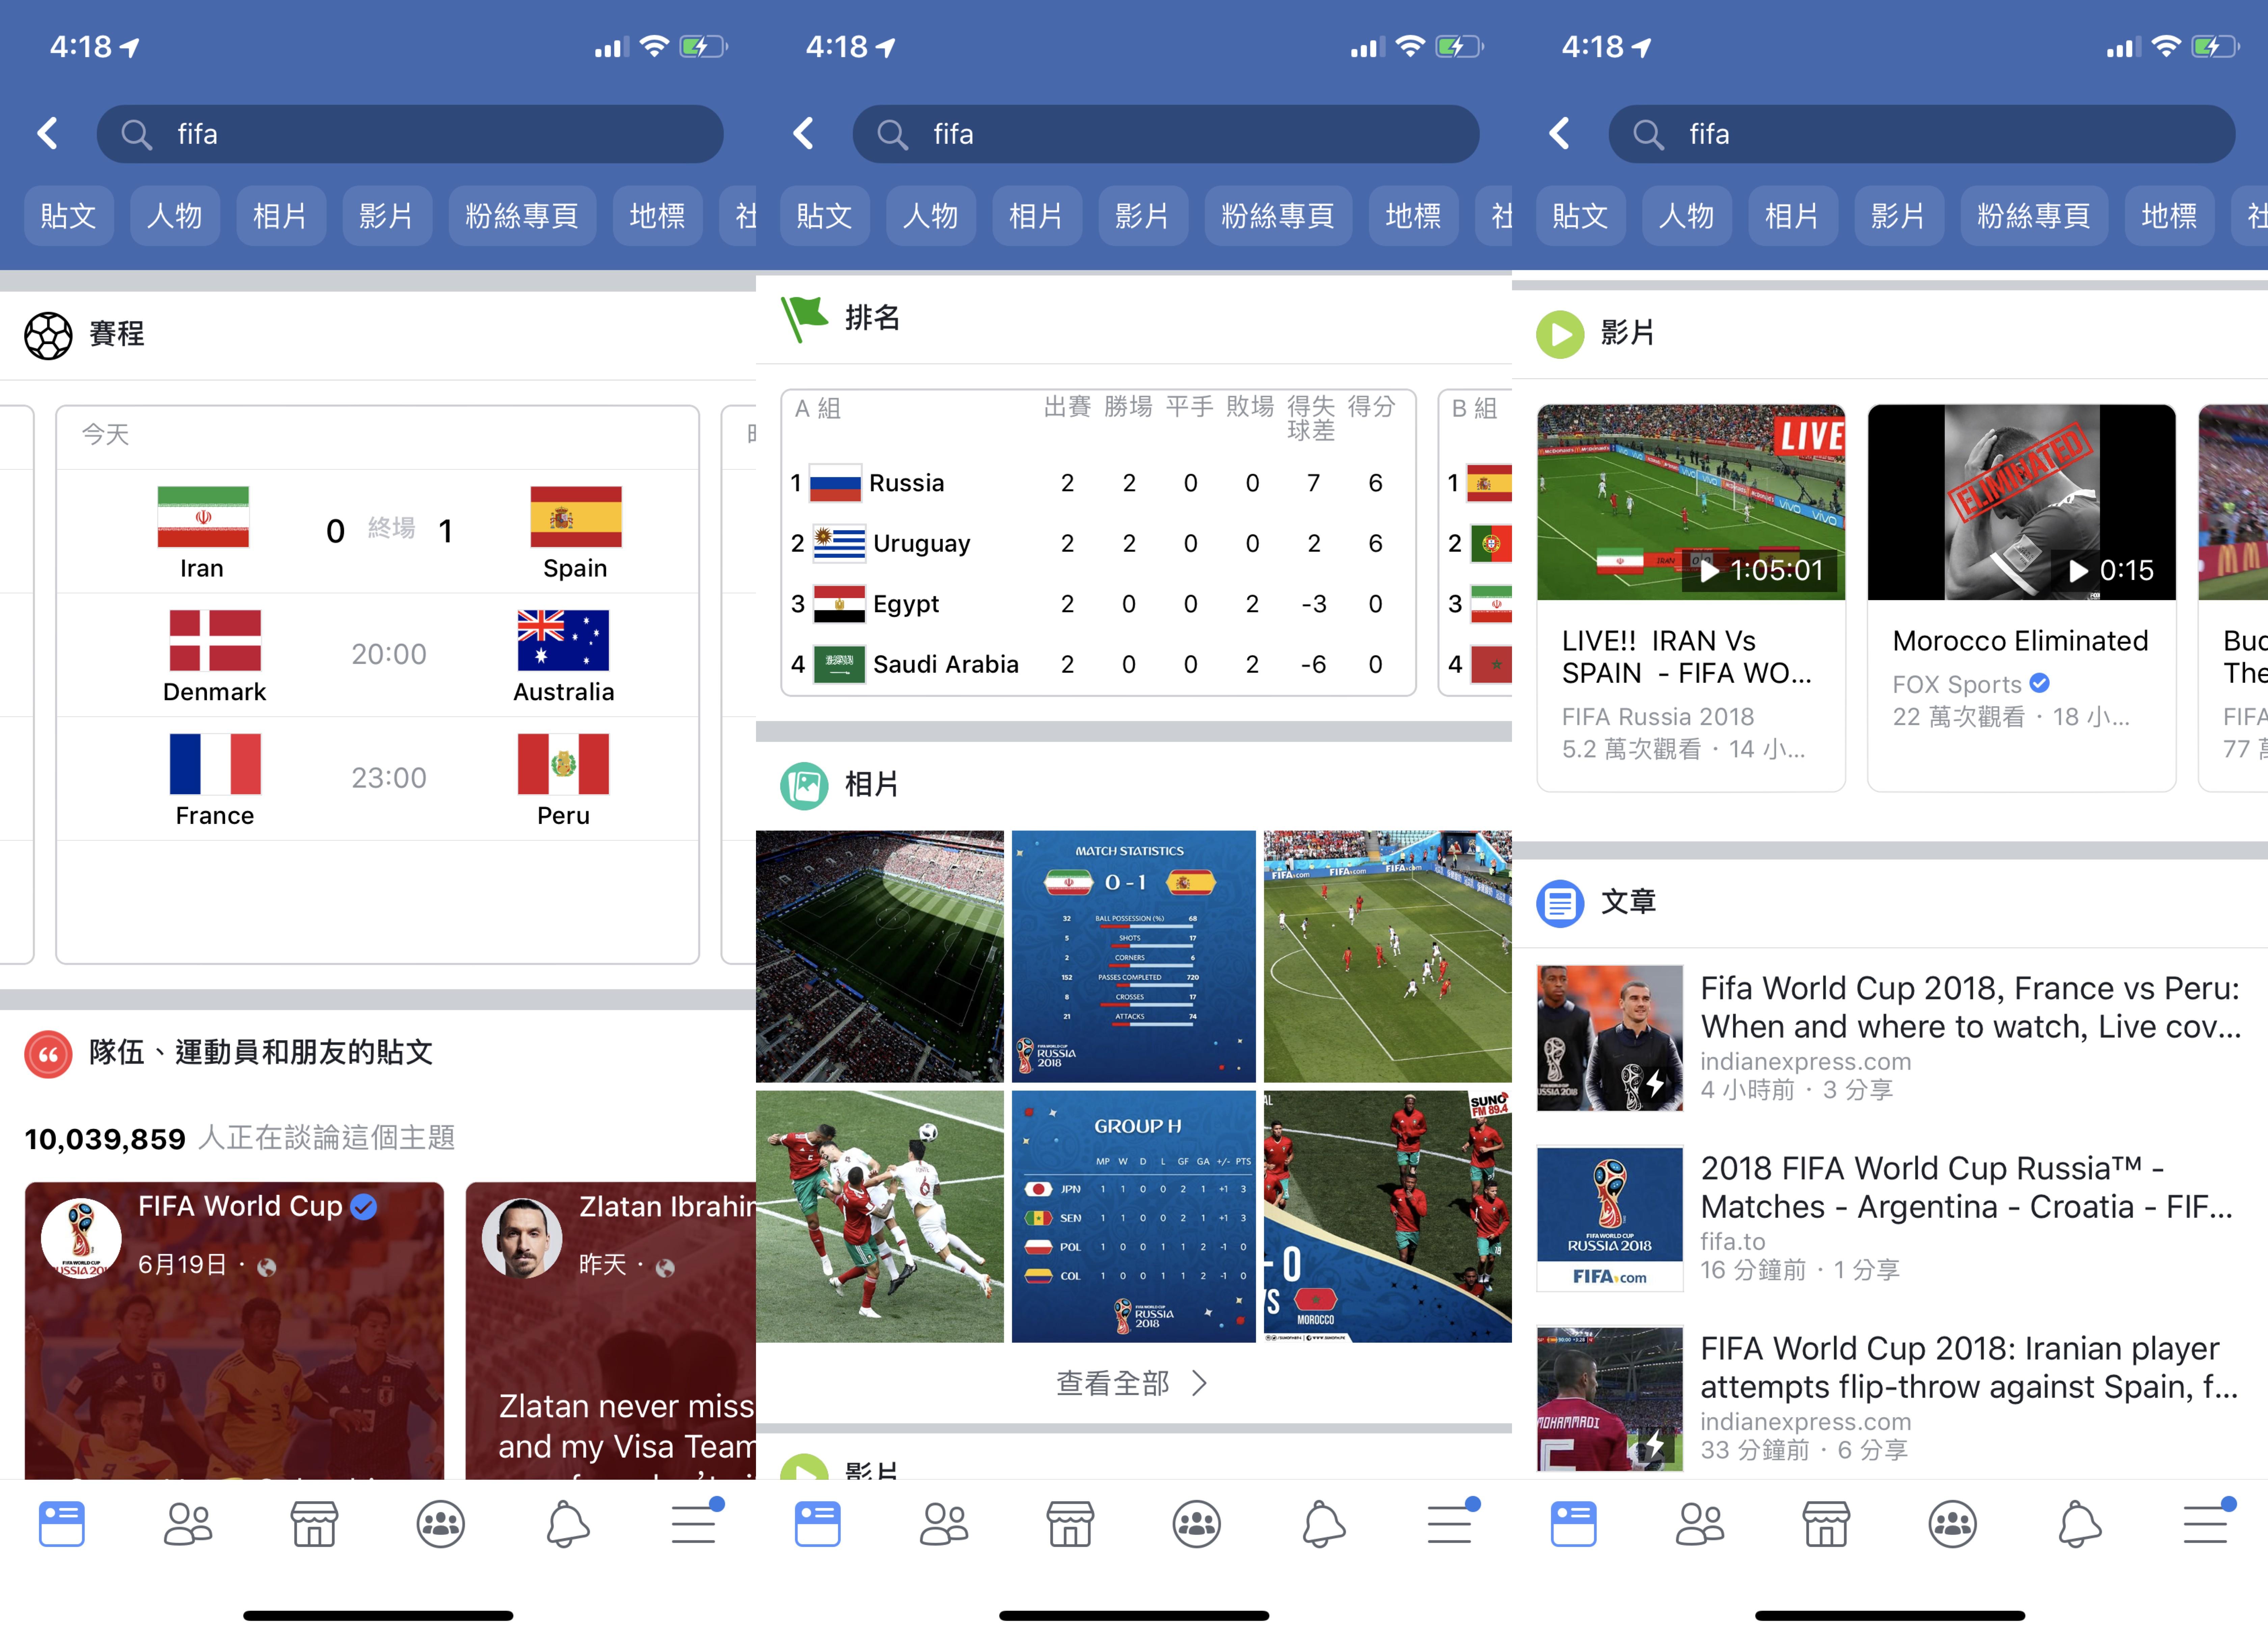 世界盃比數、排名、影片、Facebook